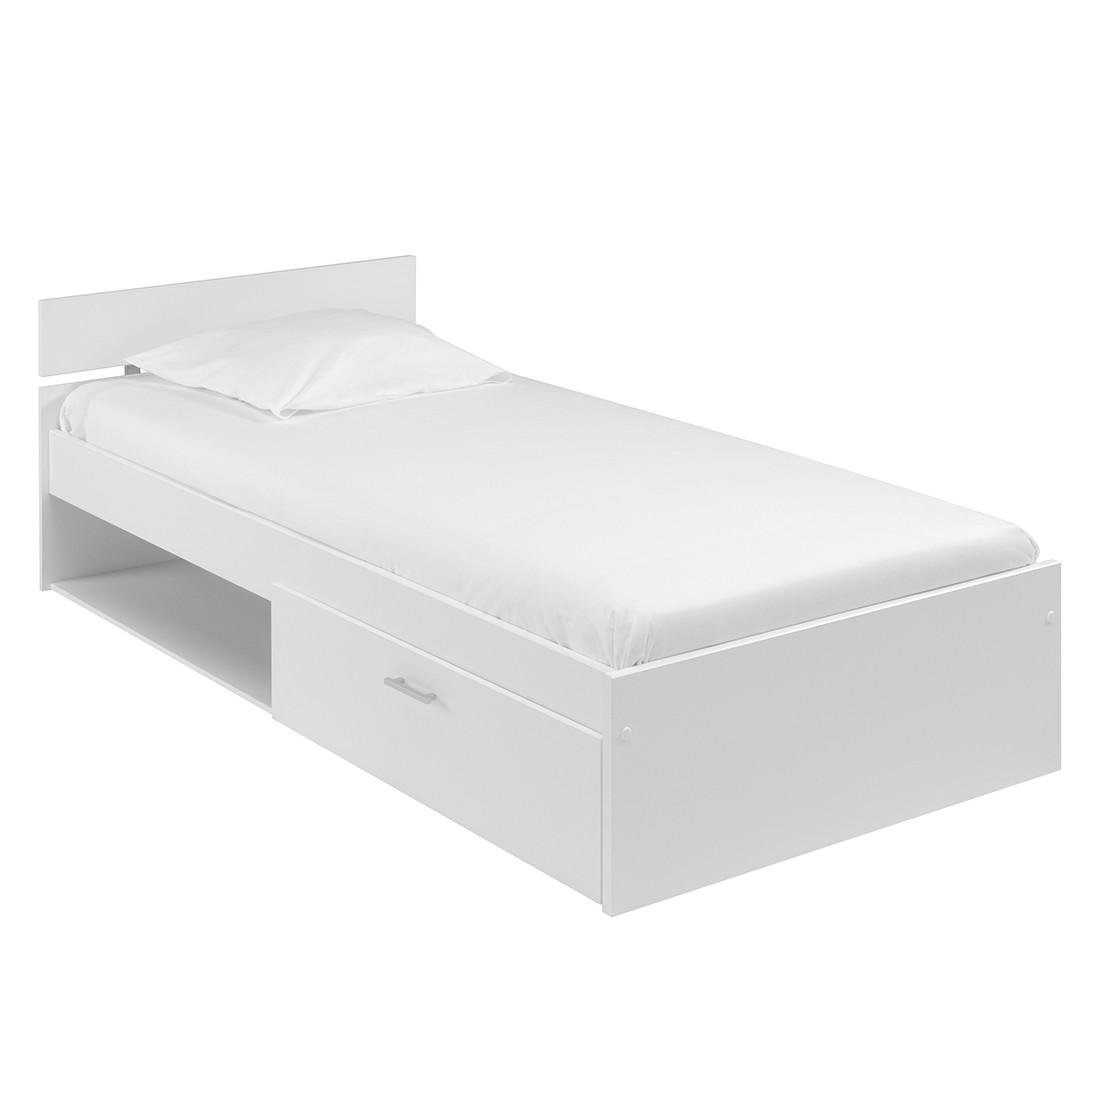 Lit avec rangements Infinity - 90 x 200cm - Blanc, Parisot Meubles